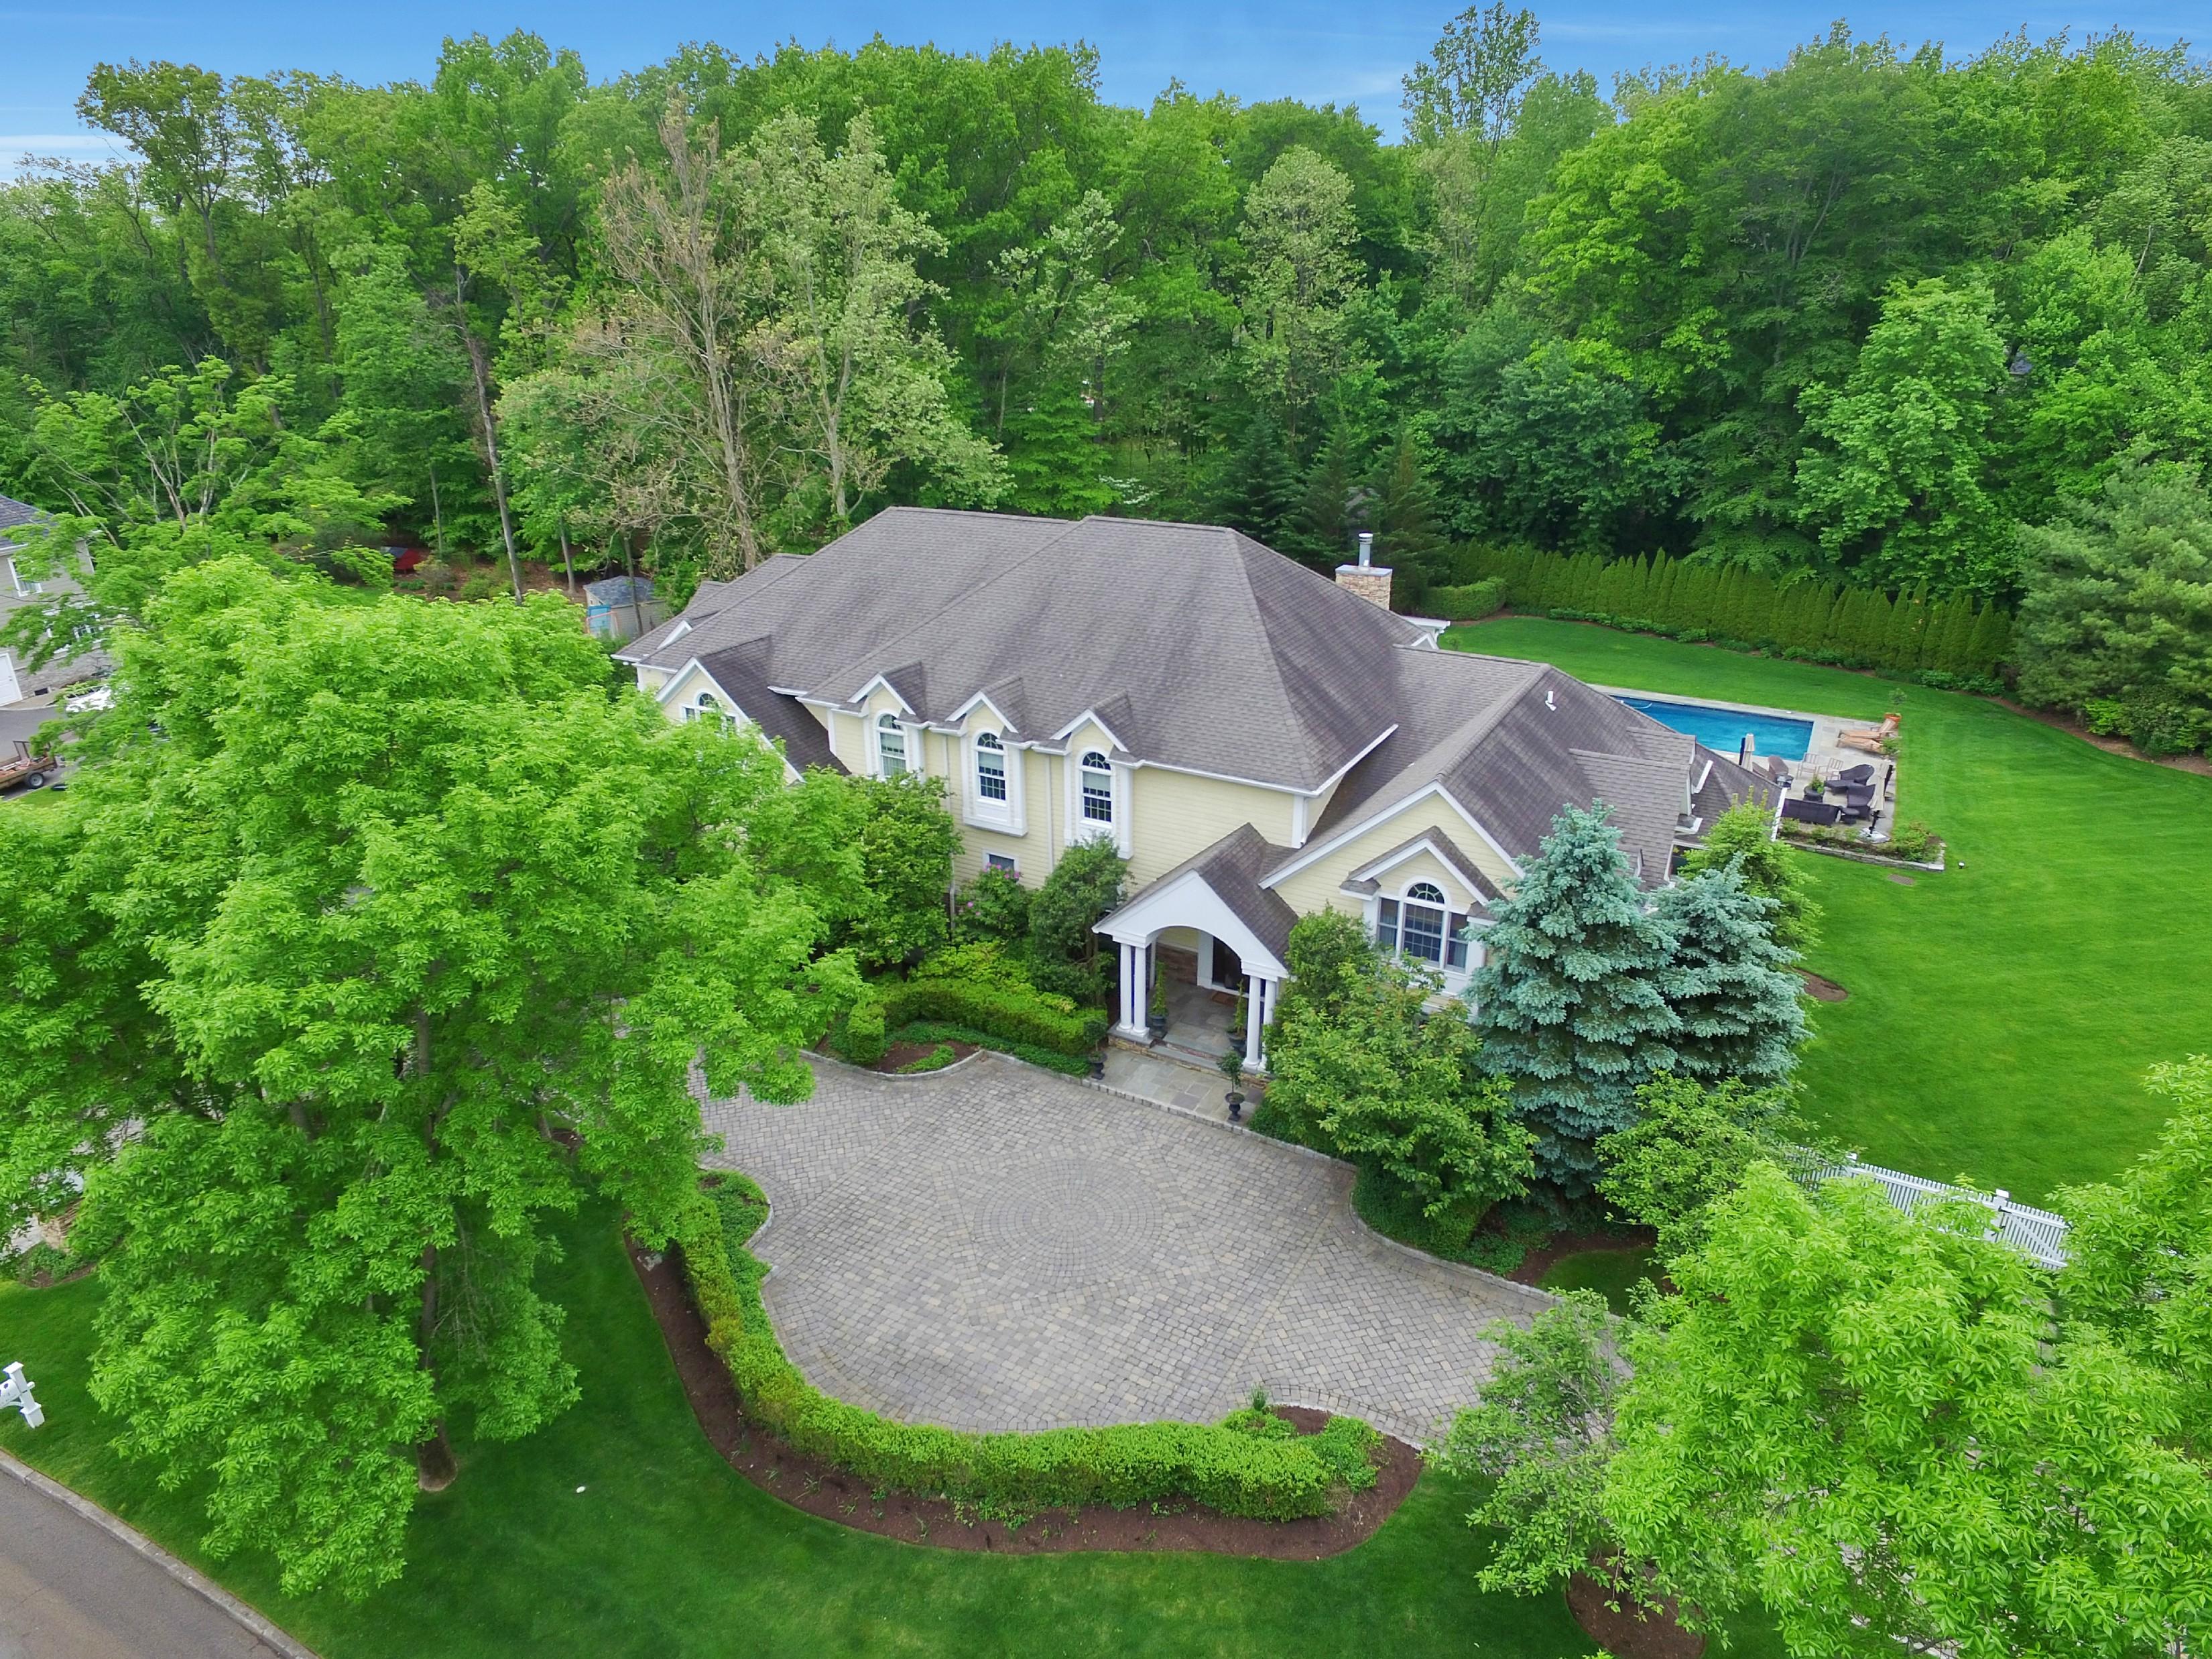 Maison unifamiliale pour l Vente à Exquisite Custom Colonial 14 Heritage Rd Old Tappan, New Jersey 07675 États-Unis